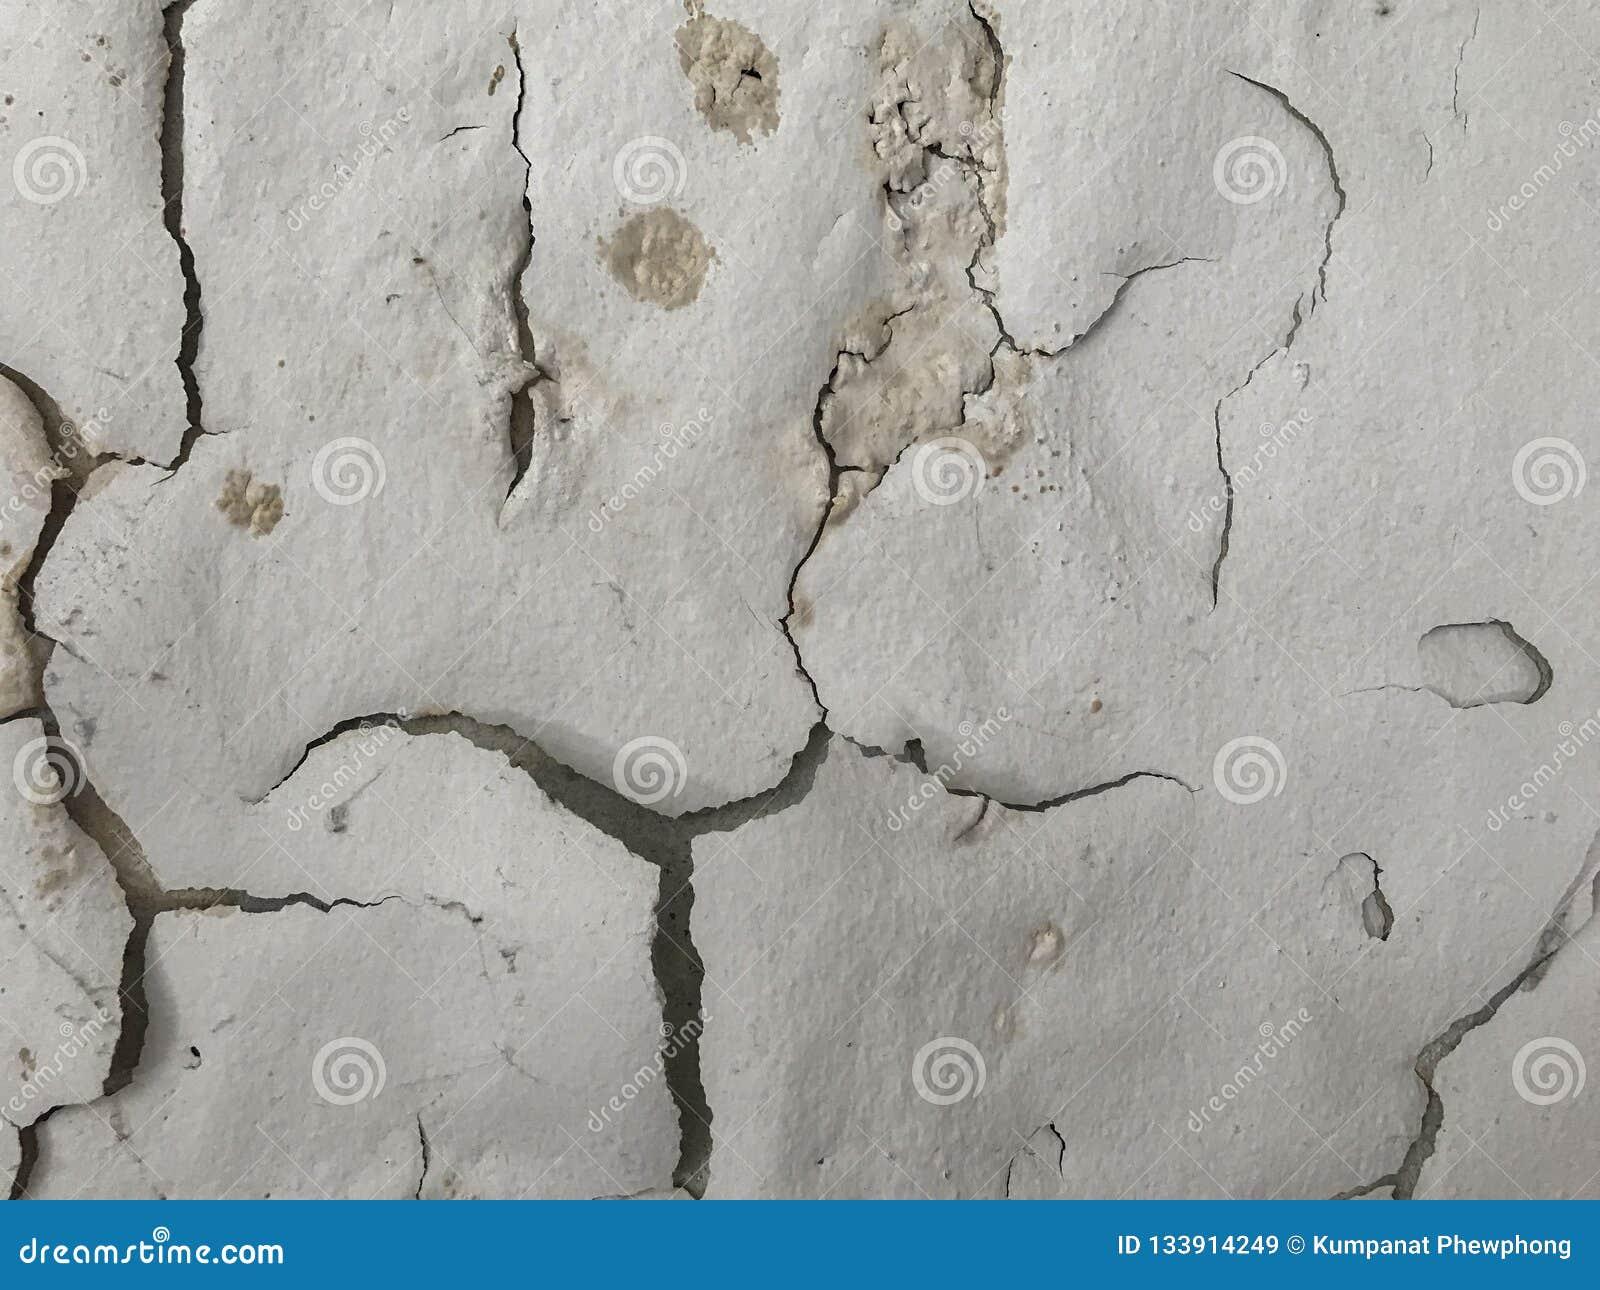 Schale gemalt wie menschliches Gesicht auf Wandhintergrund